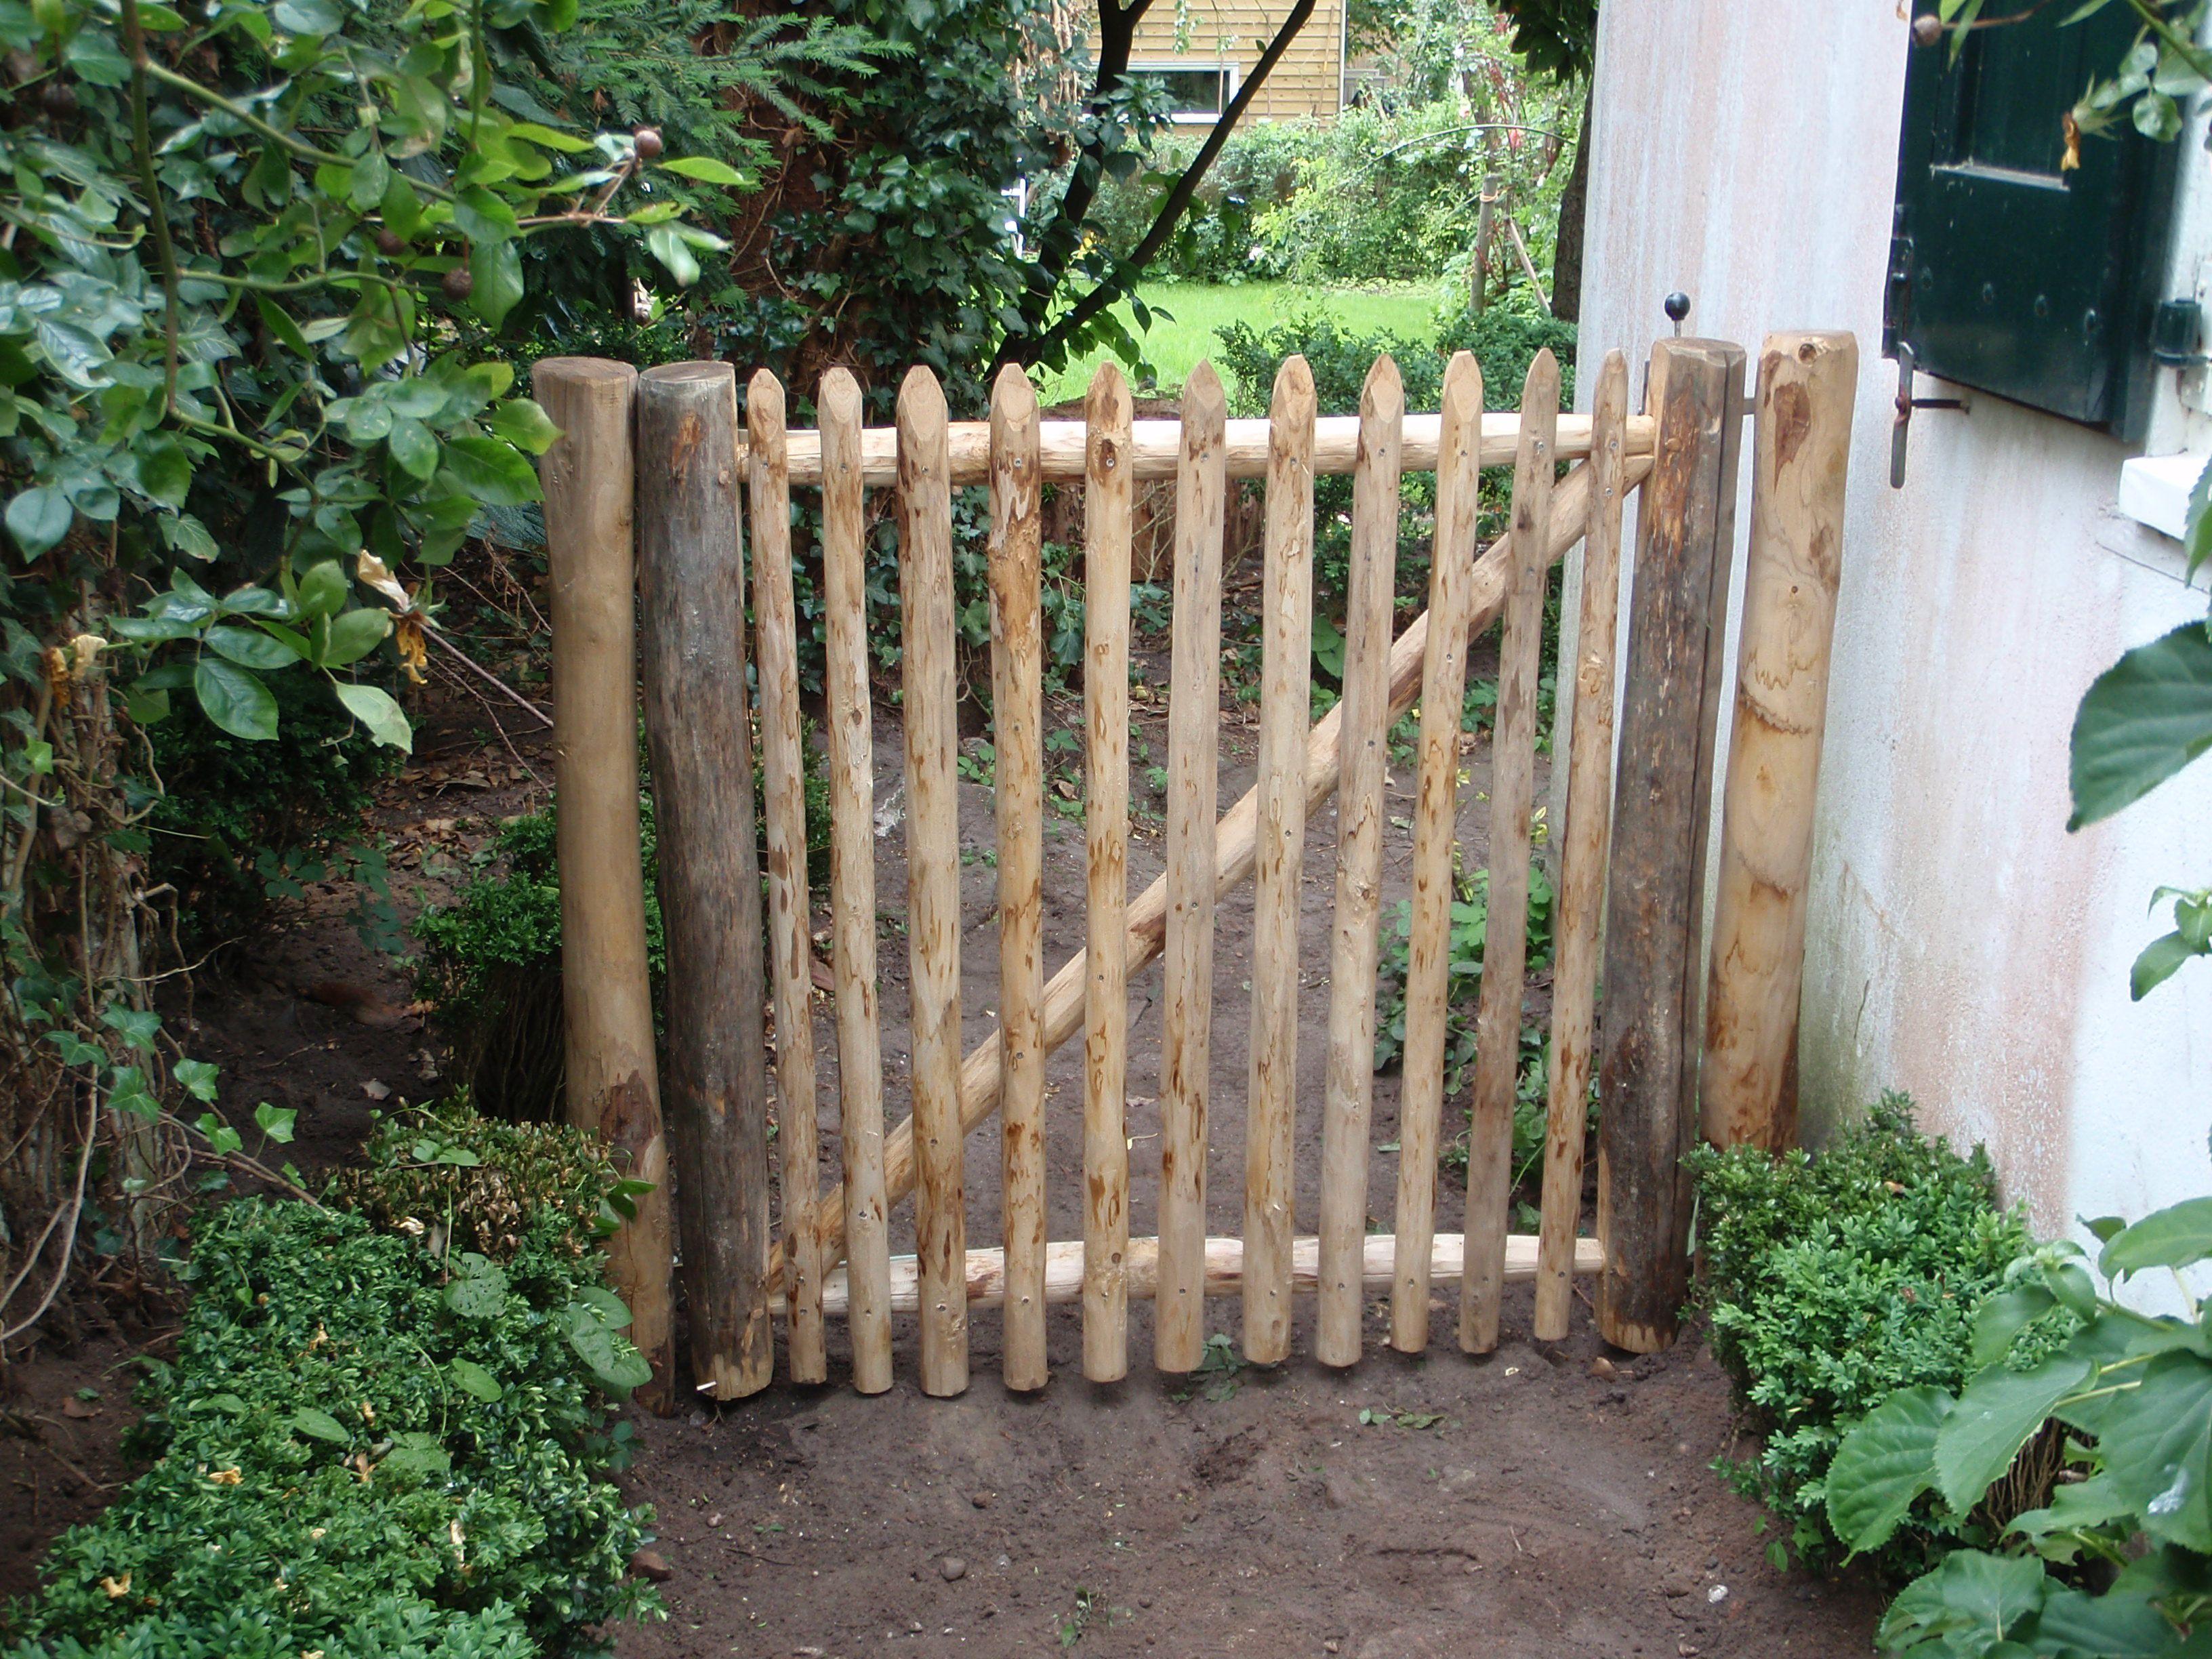 Hekjes Voor Tuin : Kastanje hekwerk poort prachtige nostalgische sfeer hekje tuin